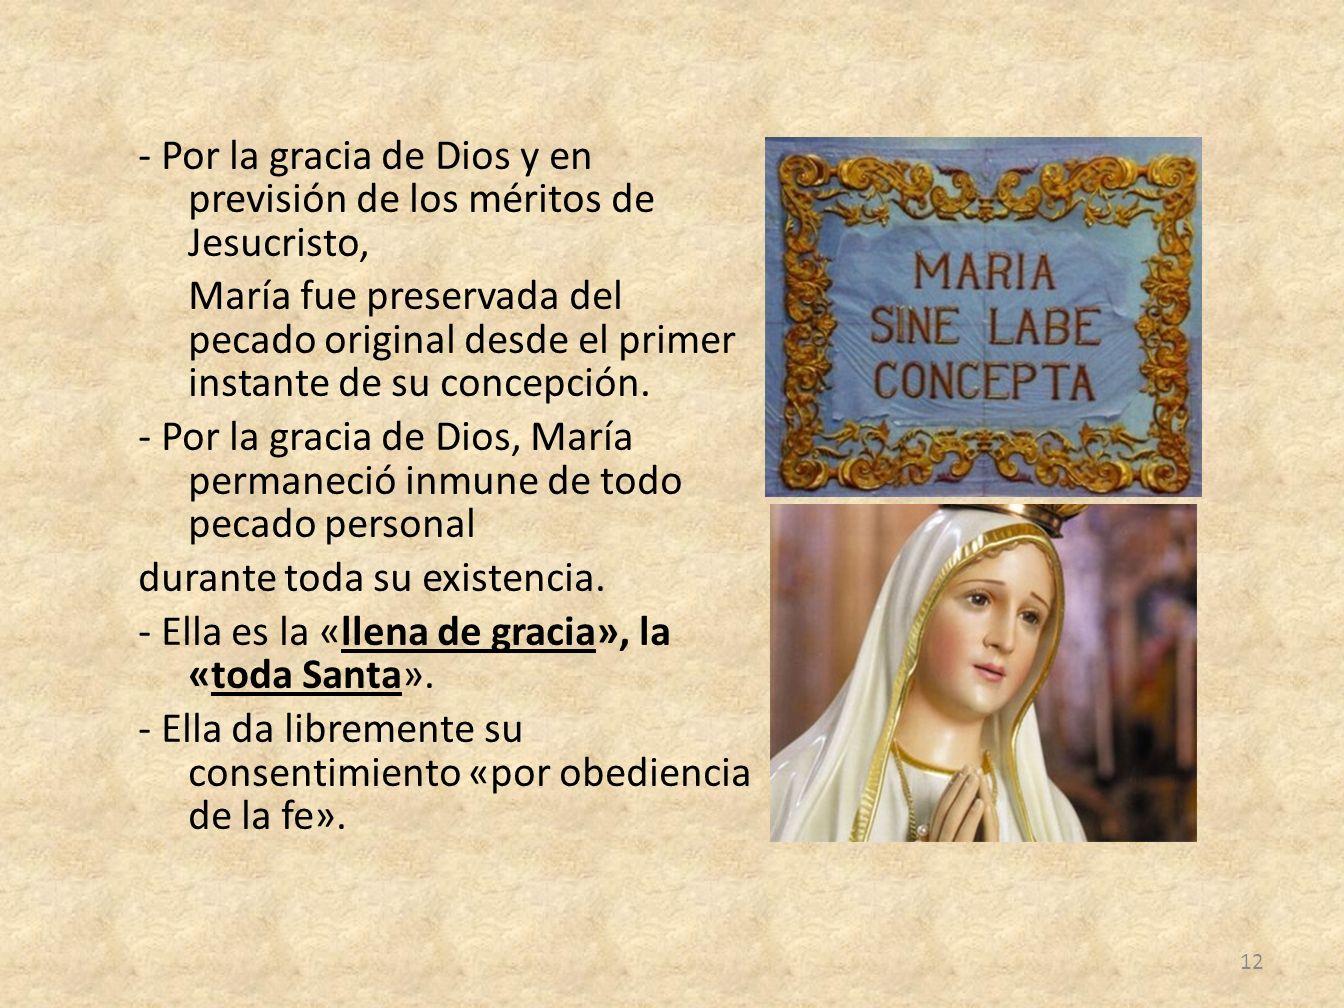 - Por la gracia de Dios y en previsión de los méritos de Jesucristo, María fue preservada del pecado original desde el primer instante de su concepción.